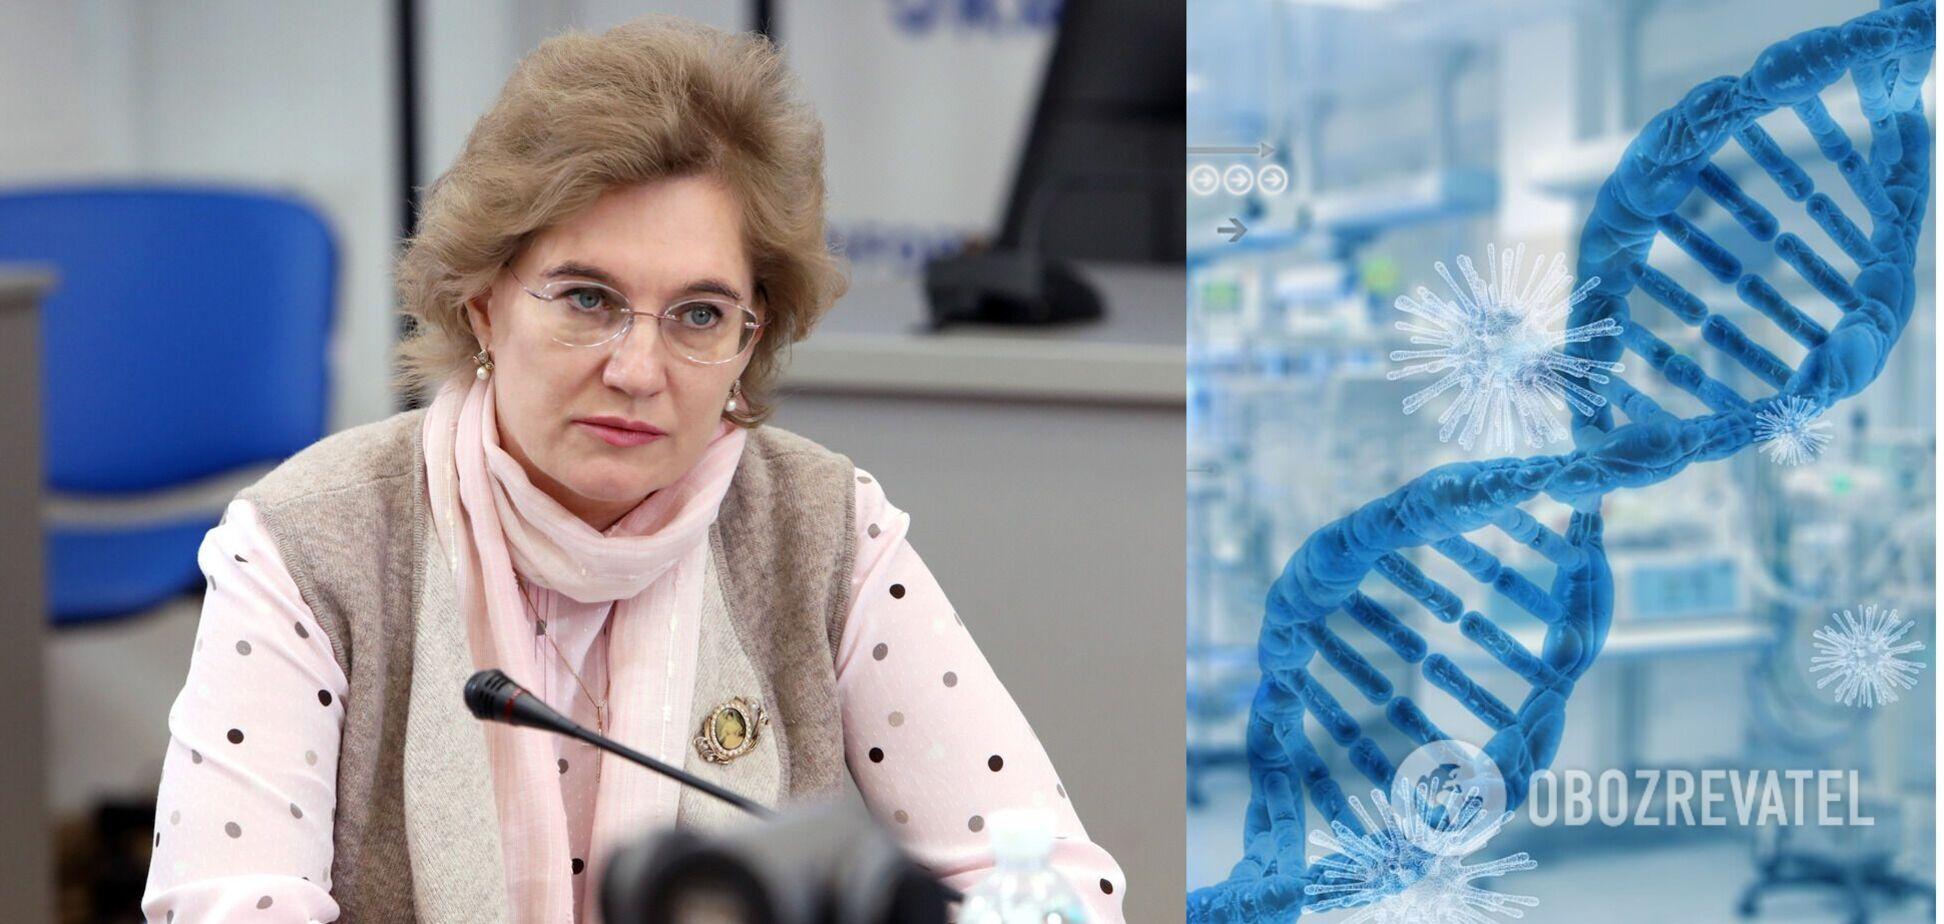 Голубовская: коронавирус нас спас, мы стояли на краю пропасти